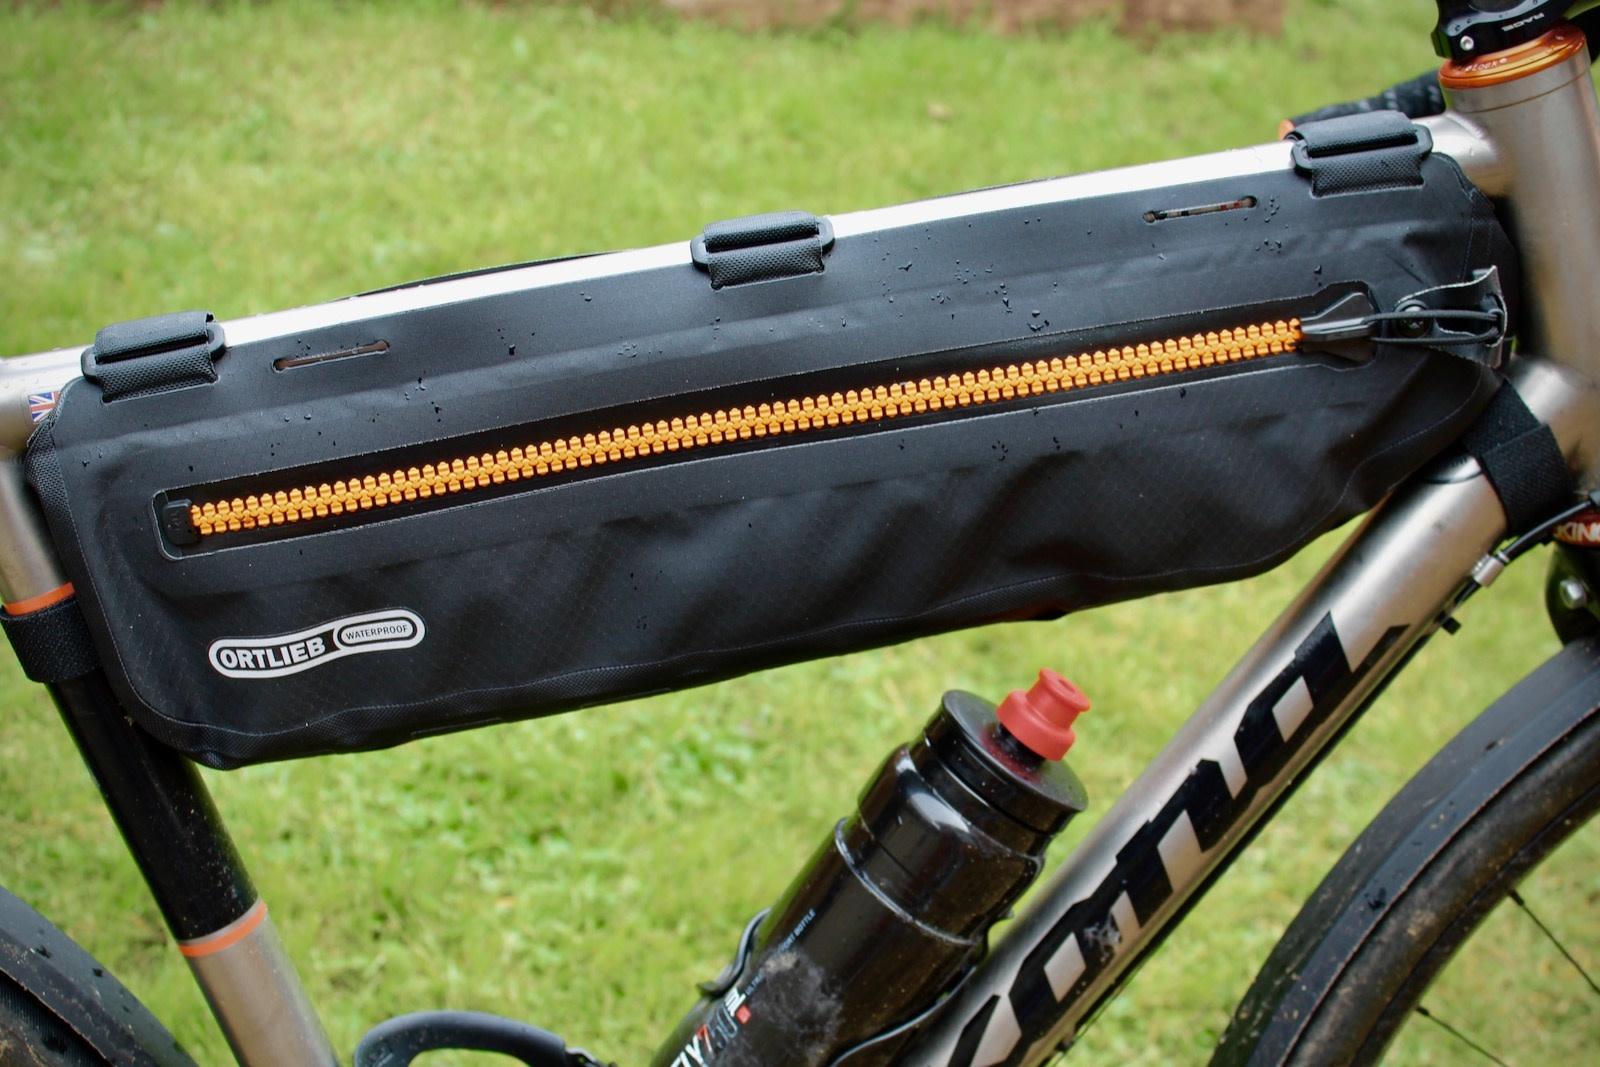 Ortlieb, Bike Packing Frame Pack (Top Tube) 4L